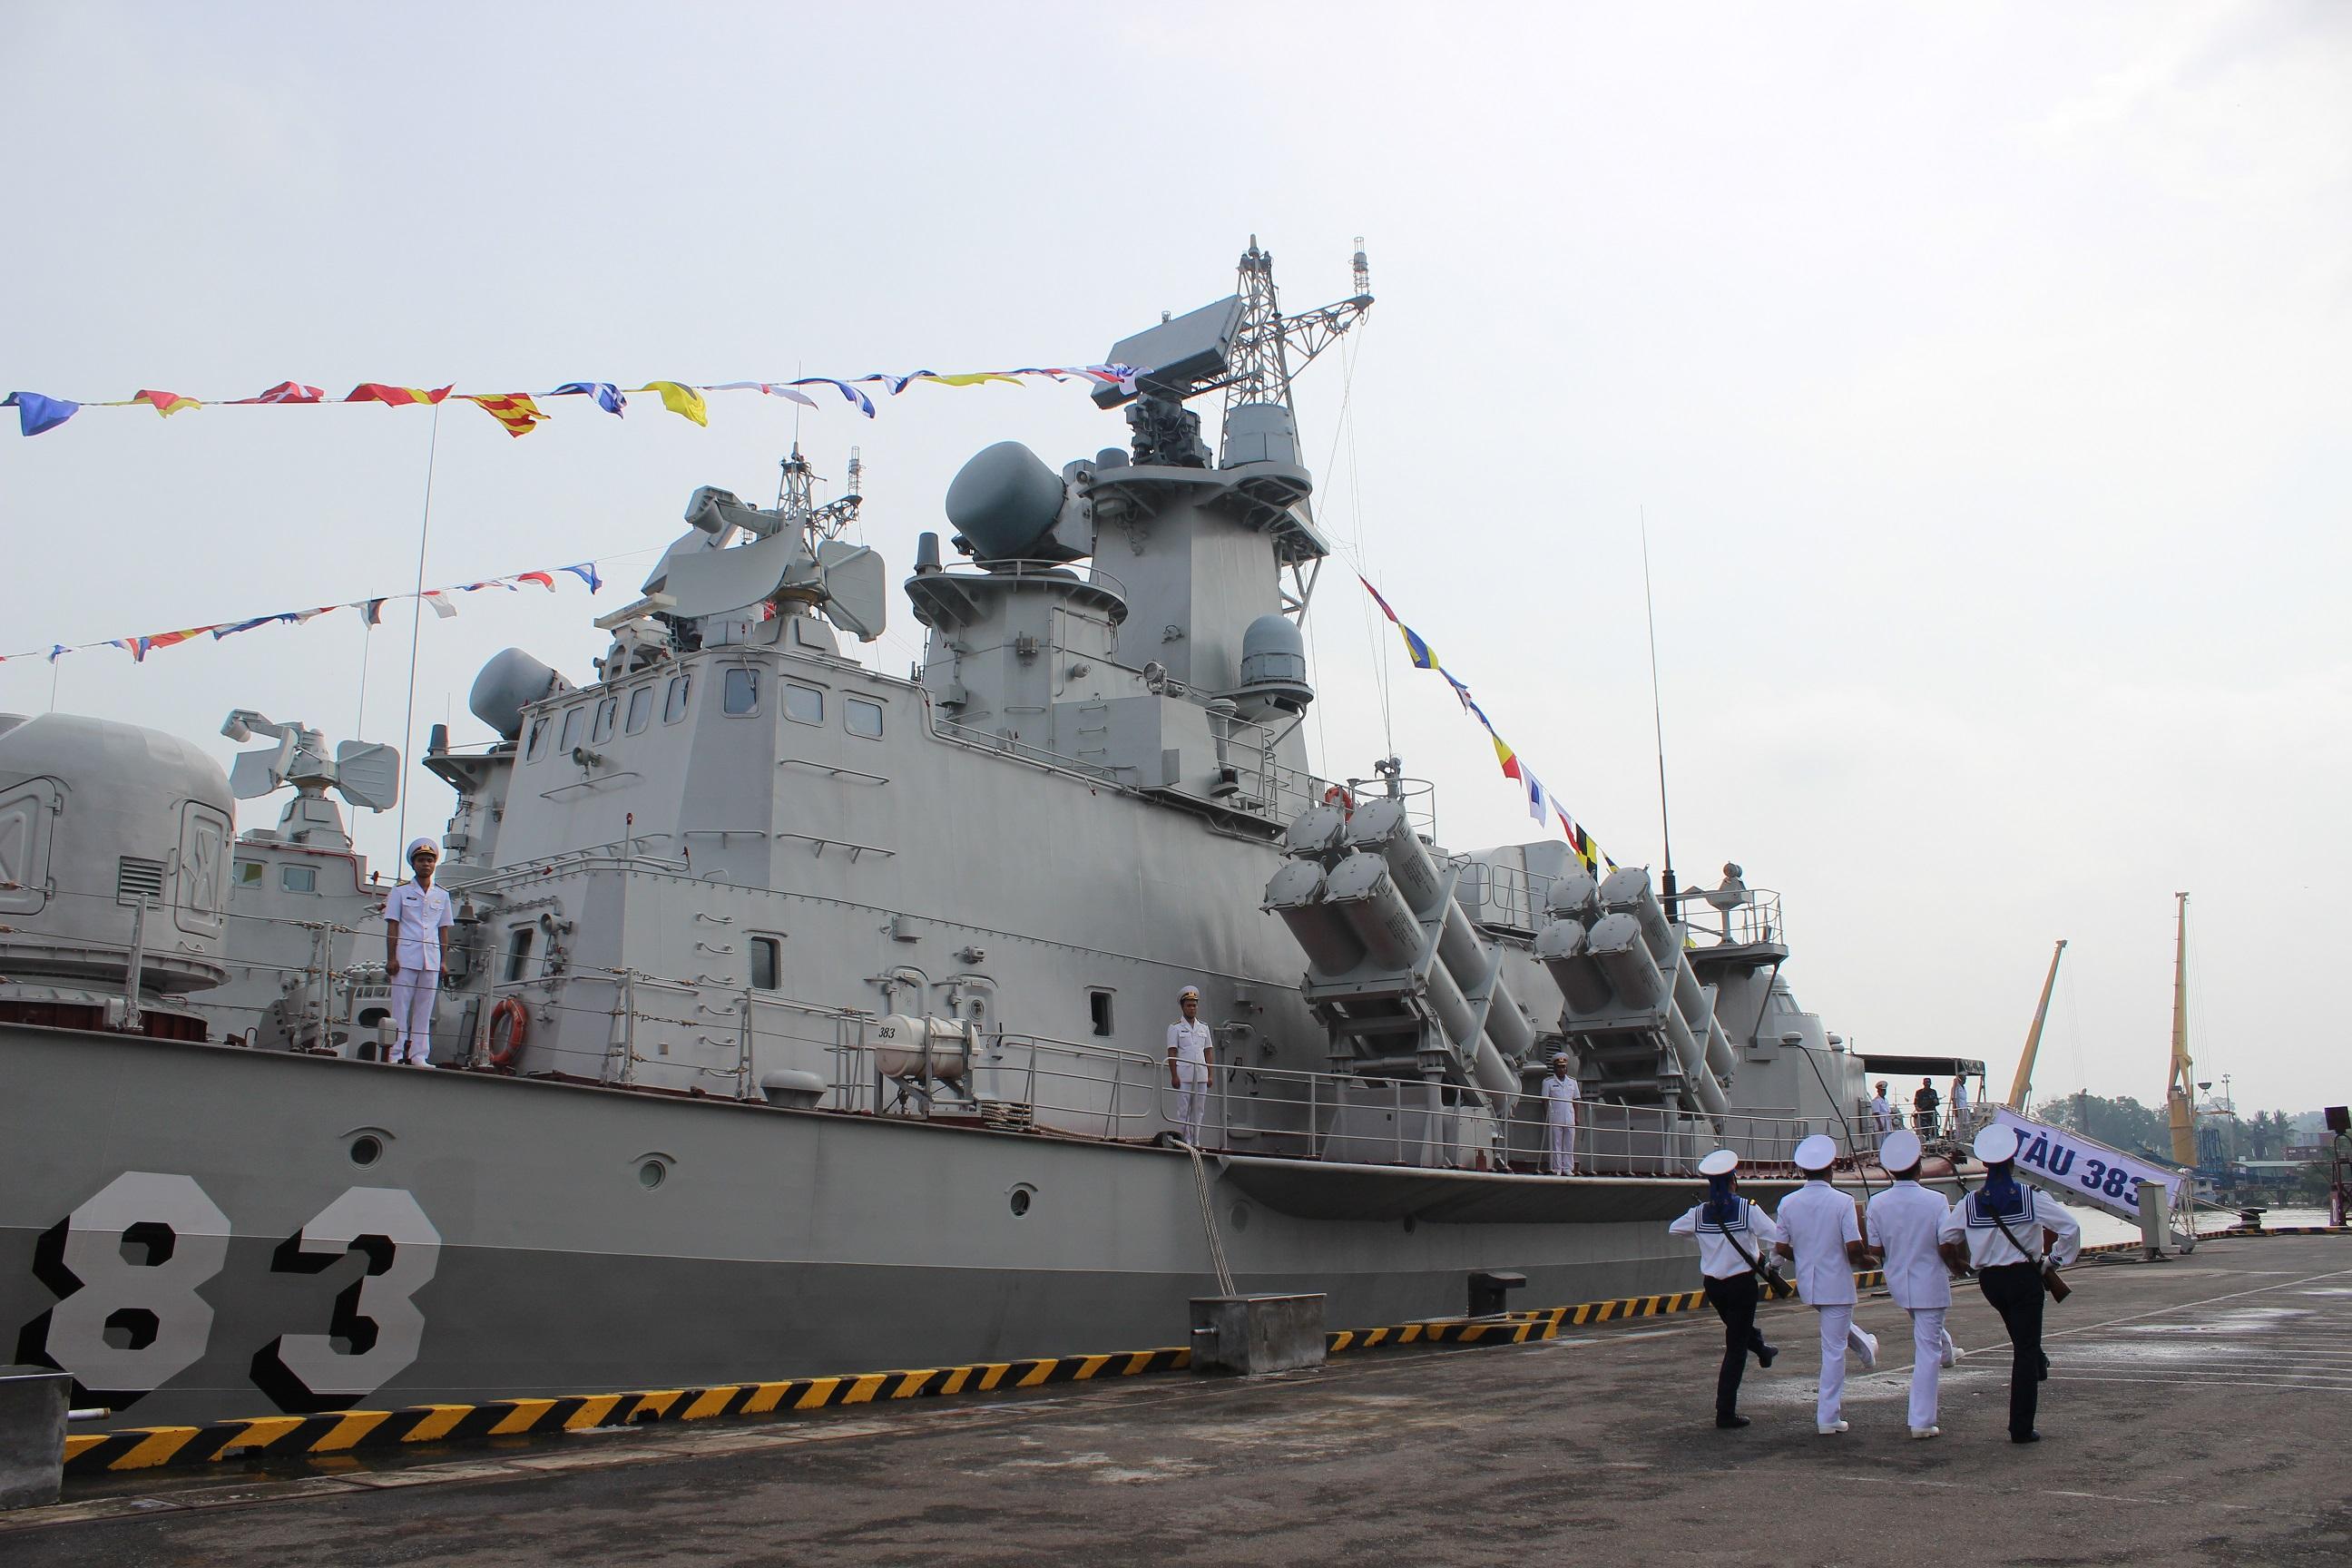 """Церемония подъема Военно-морского флага Вьетнама на новом большом ракетном катере """"383"""" проекта 12418 . Нёнчать (Вьетнам), 09.10.2017."""